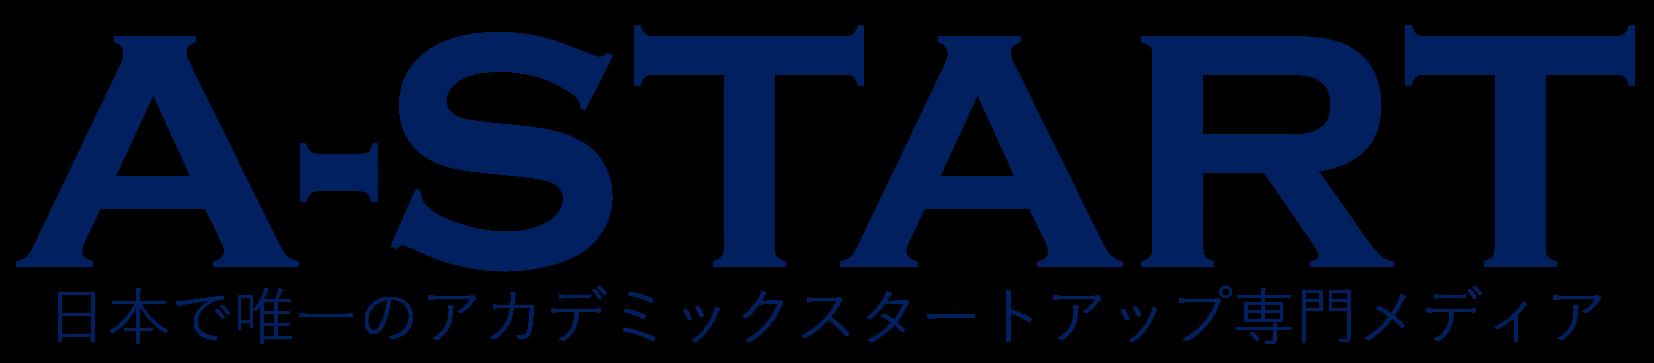 A-START:日本で唯一のアカデミックスタートアップ専門メディア